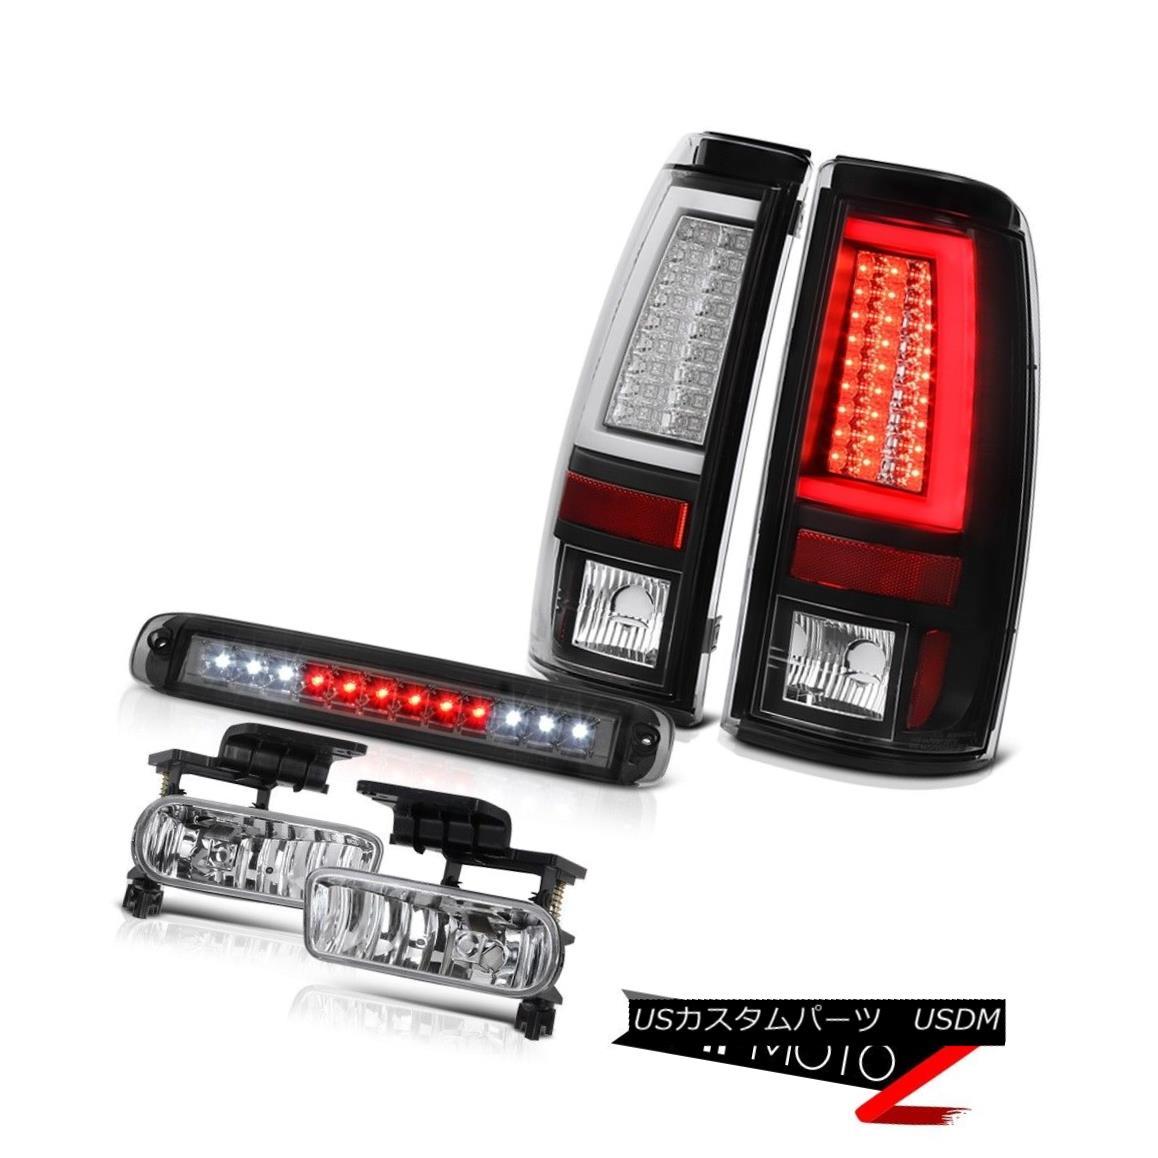 テールライト 1999-2002 Silverado 3500HD Inky Black Rear Brake Lamps High Stop Light Foglamps 1999-2002 Silverado 3500HD Inky BlackリアブレーキランプHigh Stop Light Foglamps